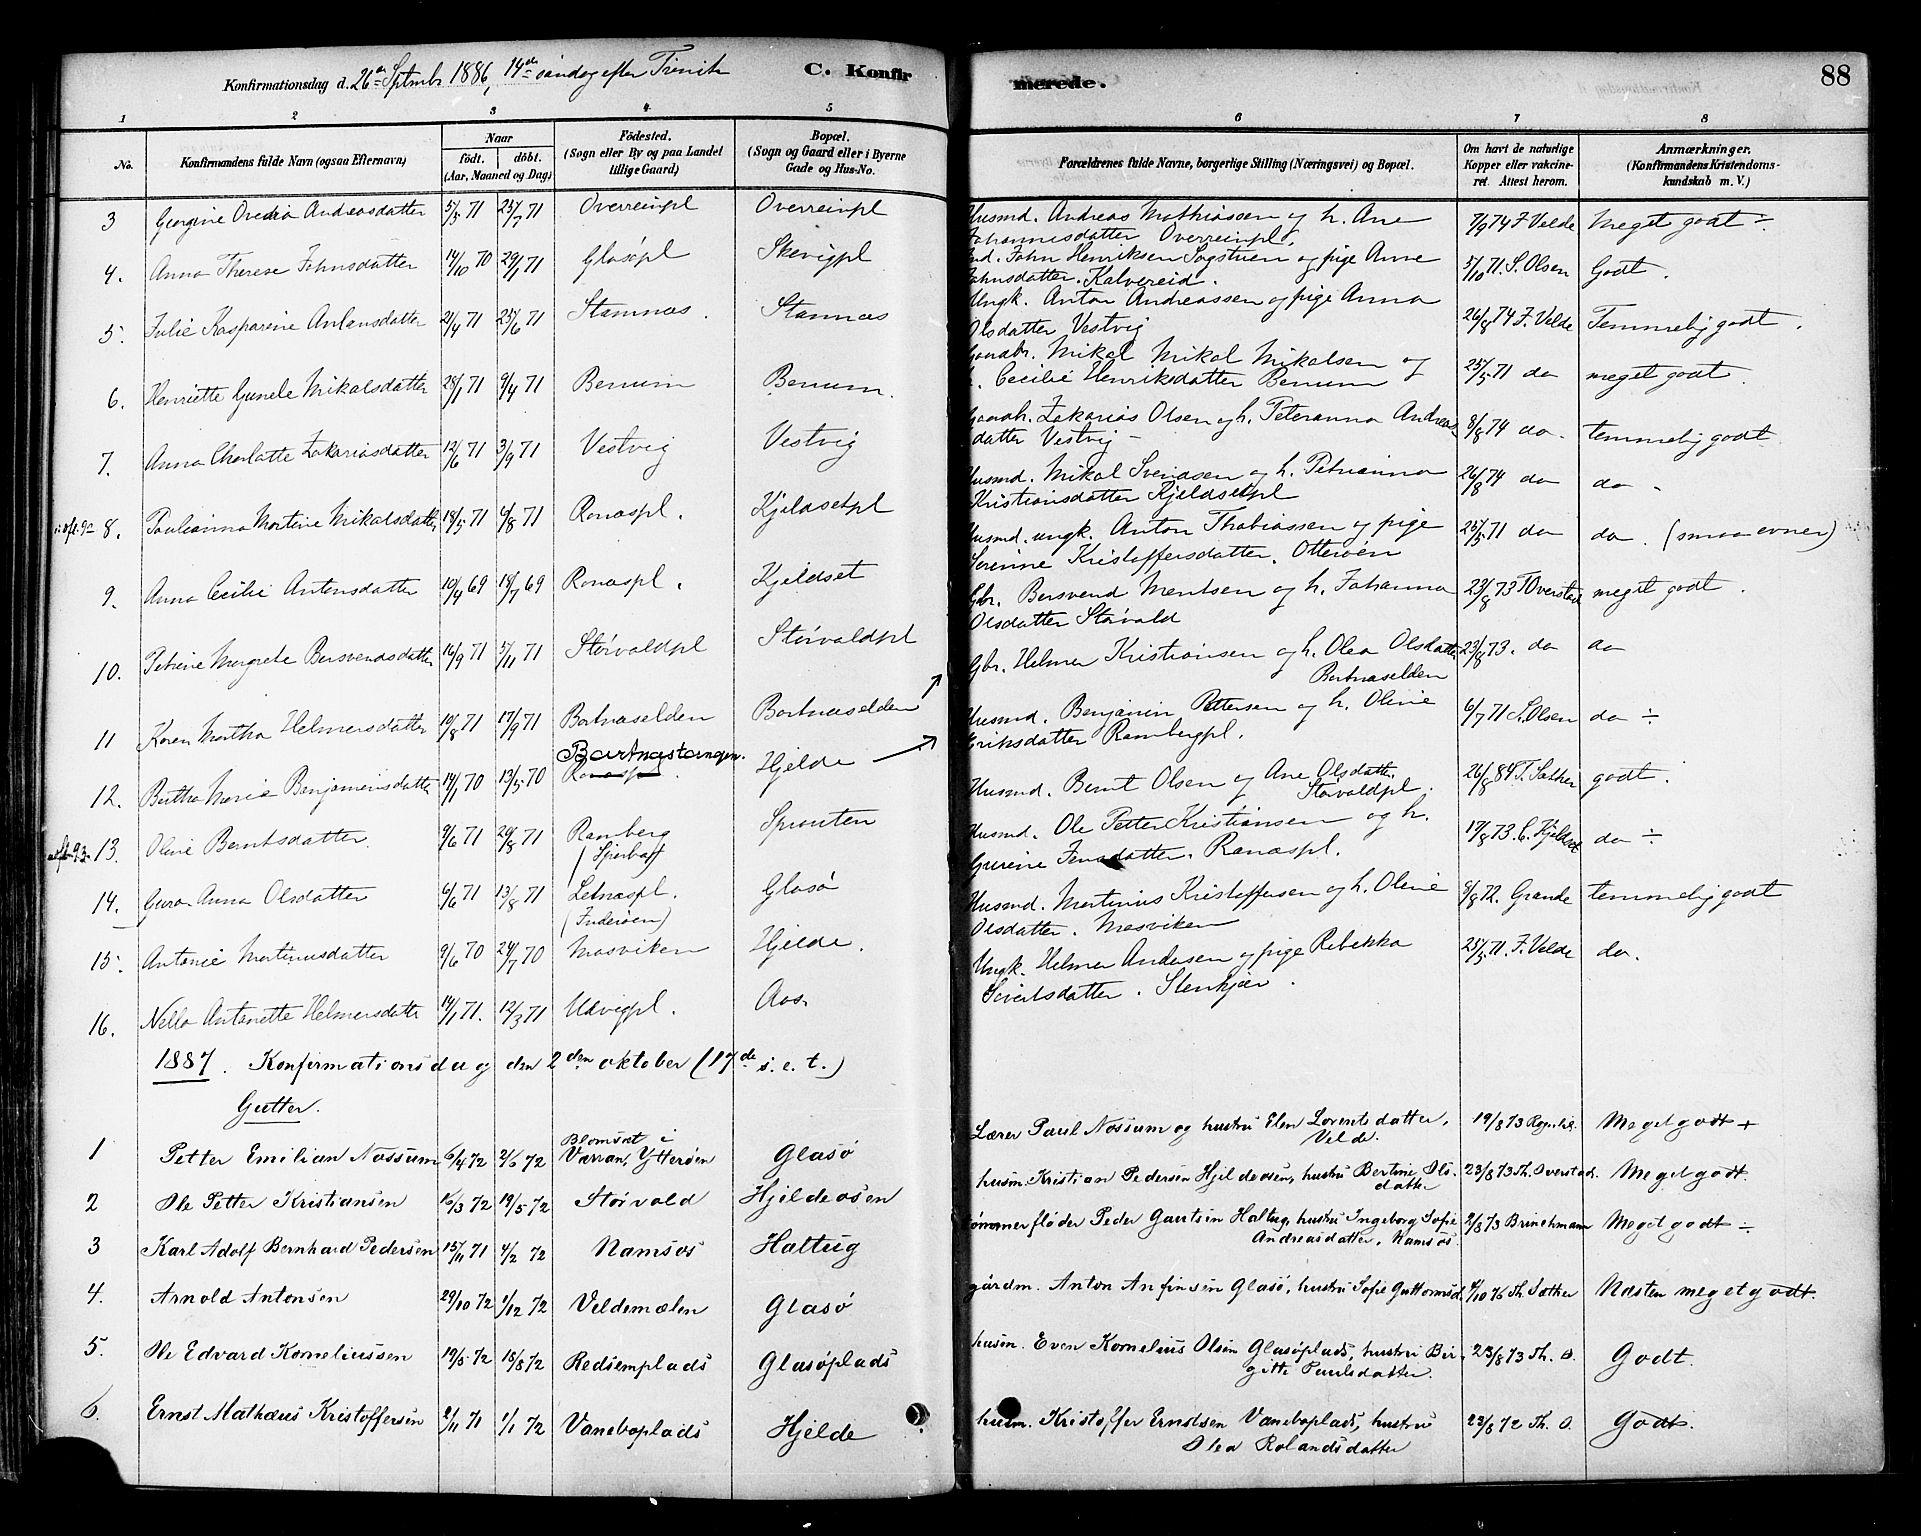 SAT, Ministerialprotokoller, klokkerbøker og fødselsregistre - Nord-Trøndelag, 741/L0395: Ministerialbok nr. 741A09, 1878-1888, s. 88